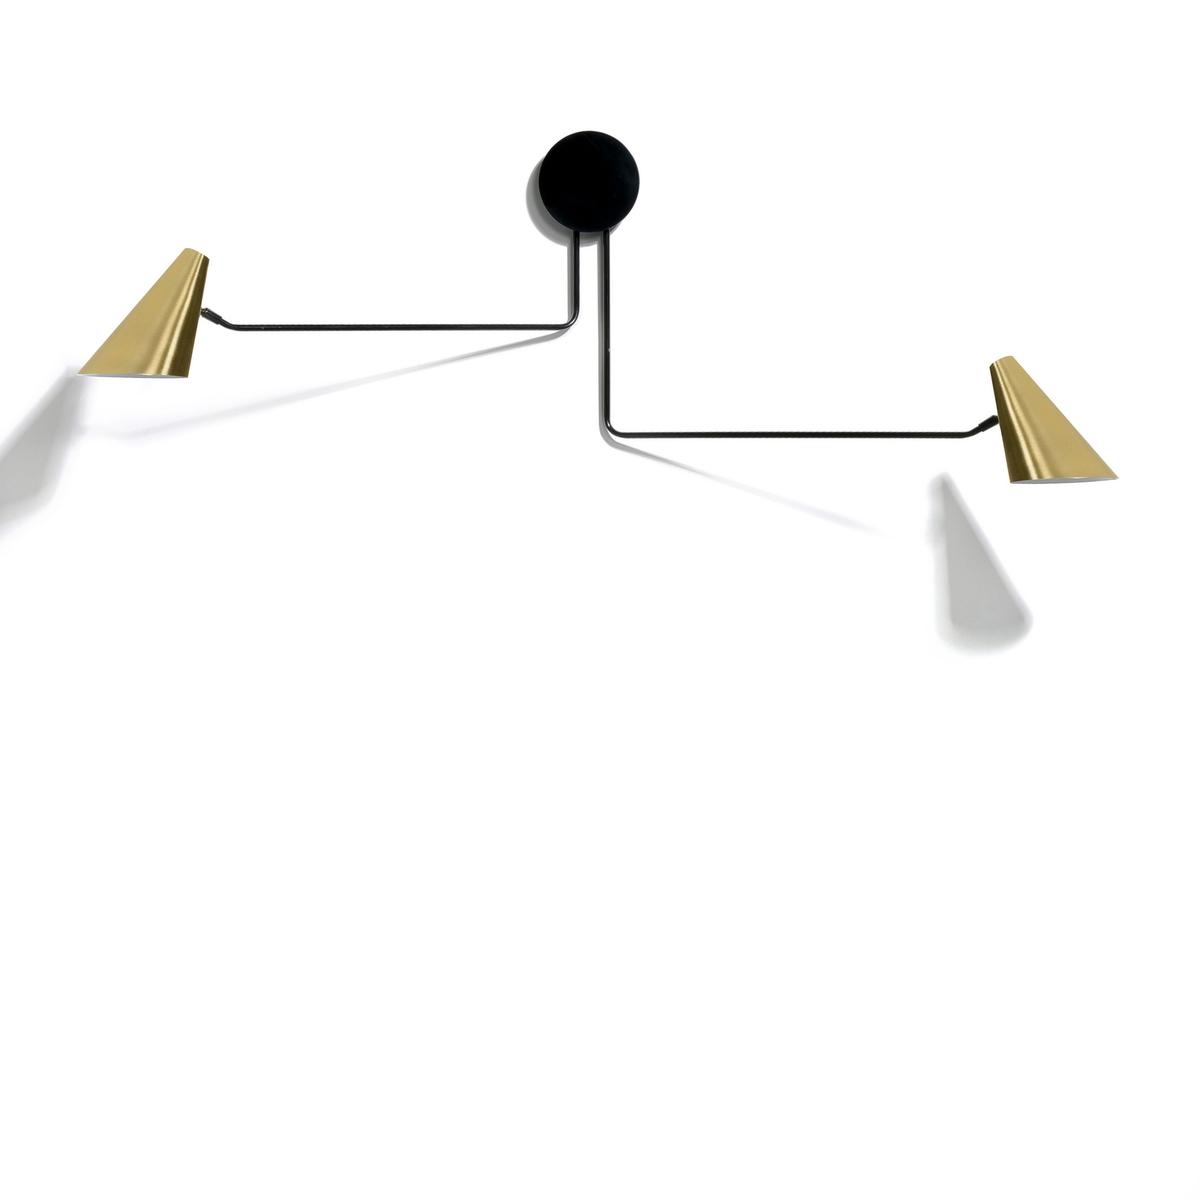 Светильник двойной, Baréa абажур двойной из хлопка epilogon диаметр 50 см